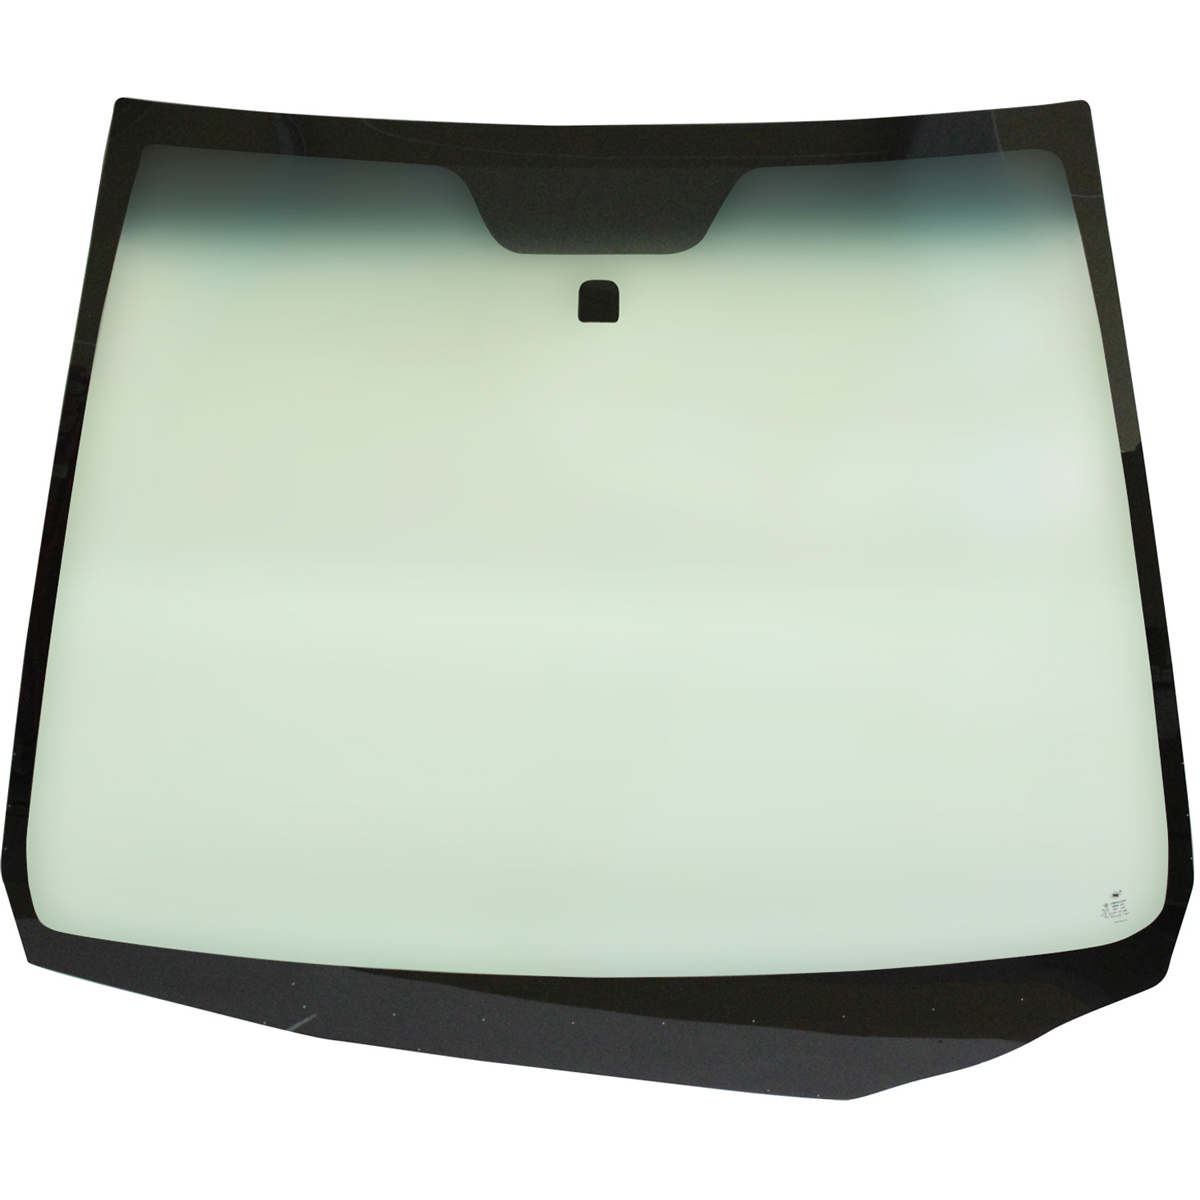 トヨタ エスクァイア 5D WG用フロントガラスが送料無料!(※個人宅への配送はできません) トヨタ エスクァイア 5D WG用フロントガラス 車両型式:80系 年式:H.26.10- ガラス型式:YU10MM ガラス色:グリーン ボカシ:ブルー